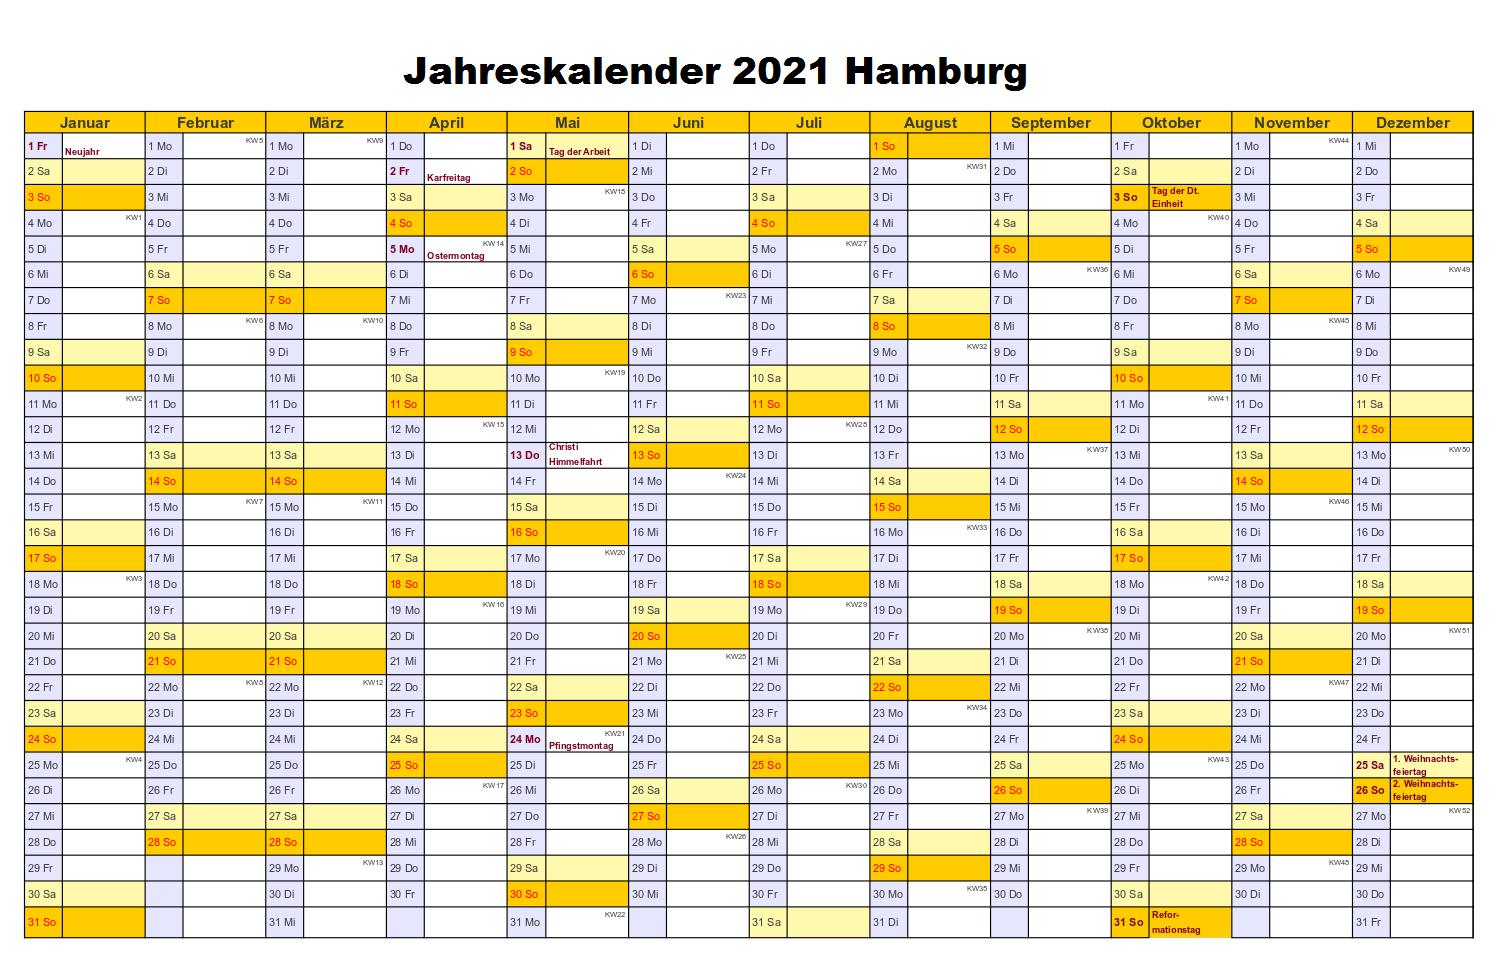 Kostenlos Jahreskalender 2021 Hamburg Zum Ausdrucken